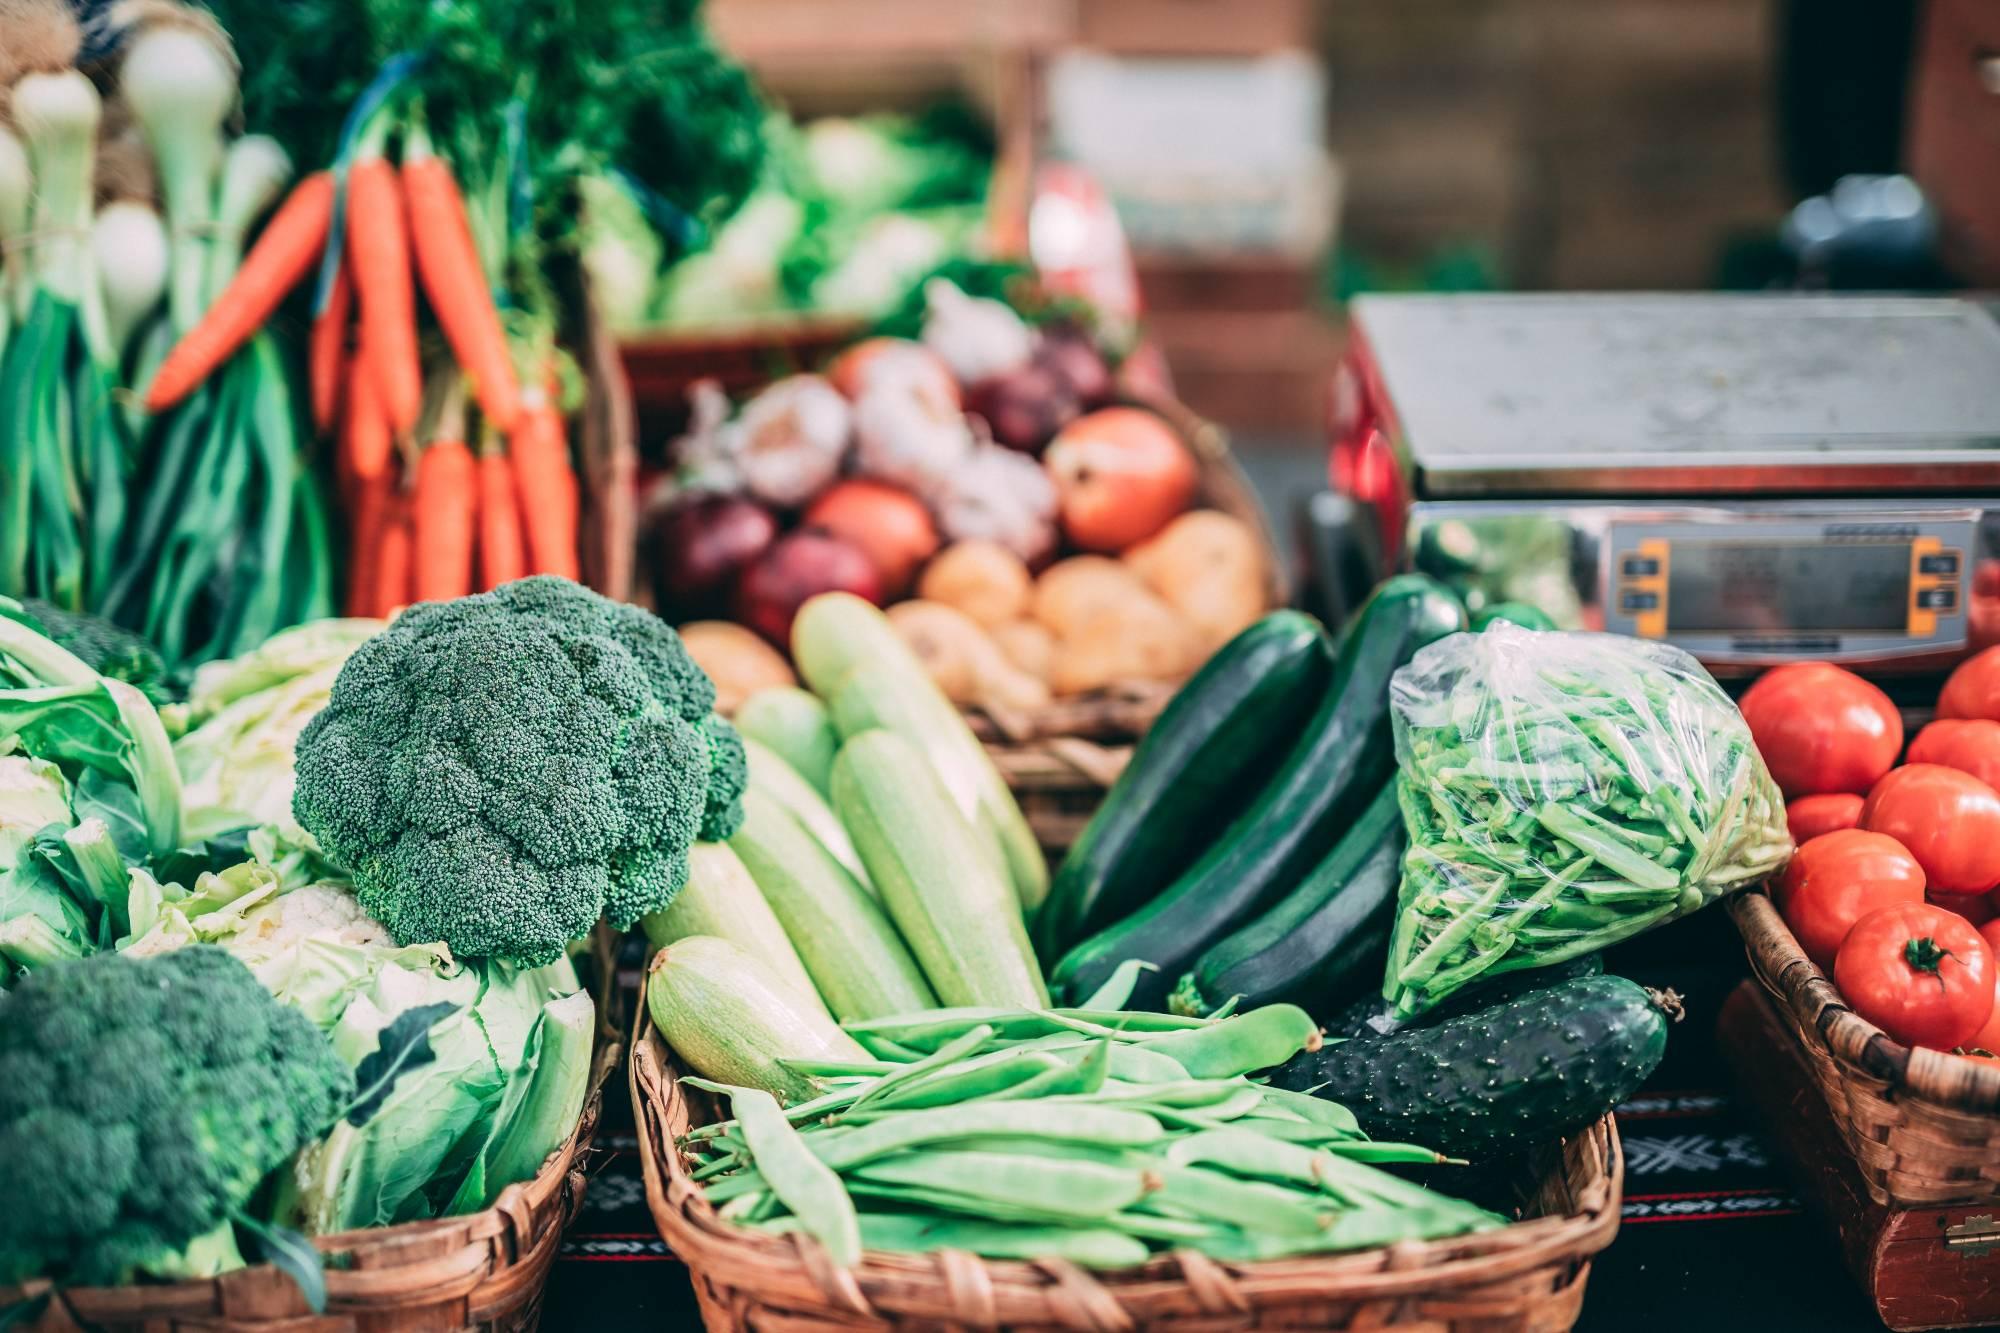 Produce at a farmer's market